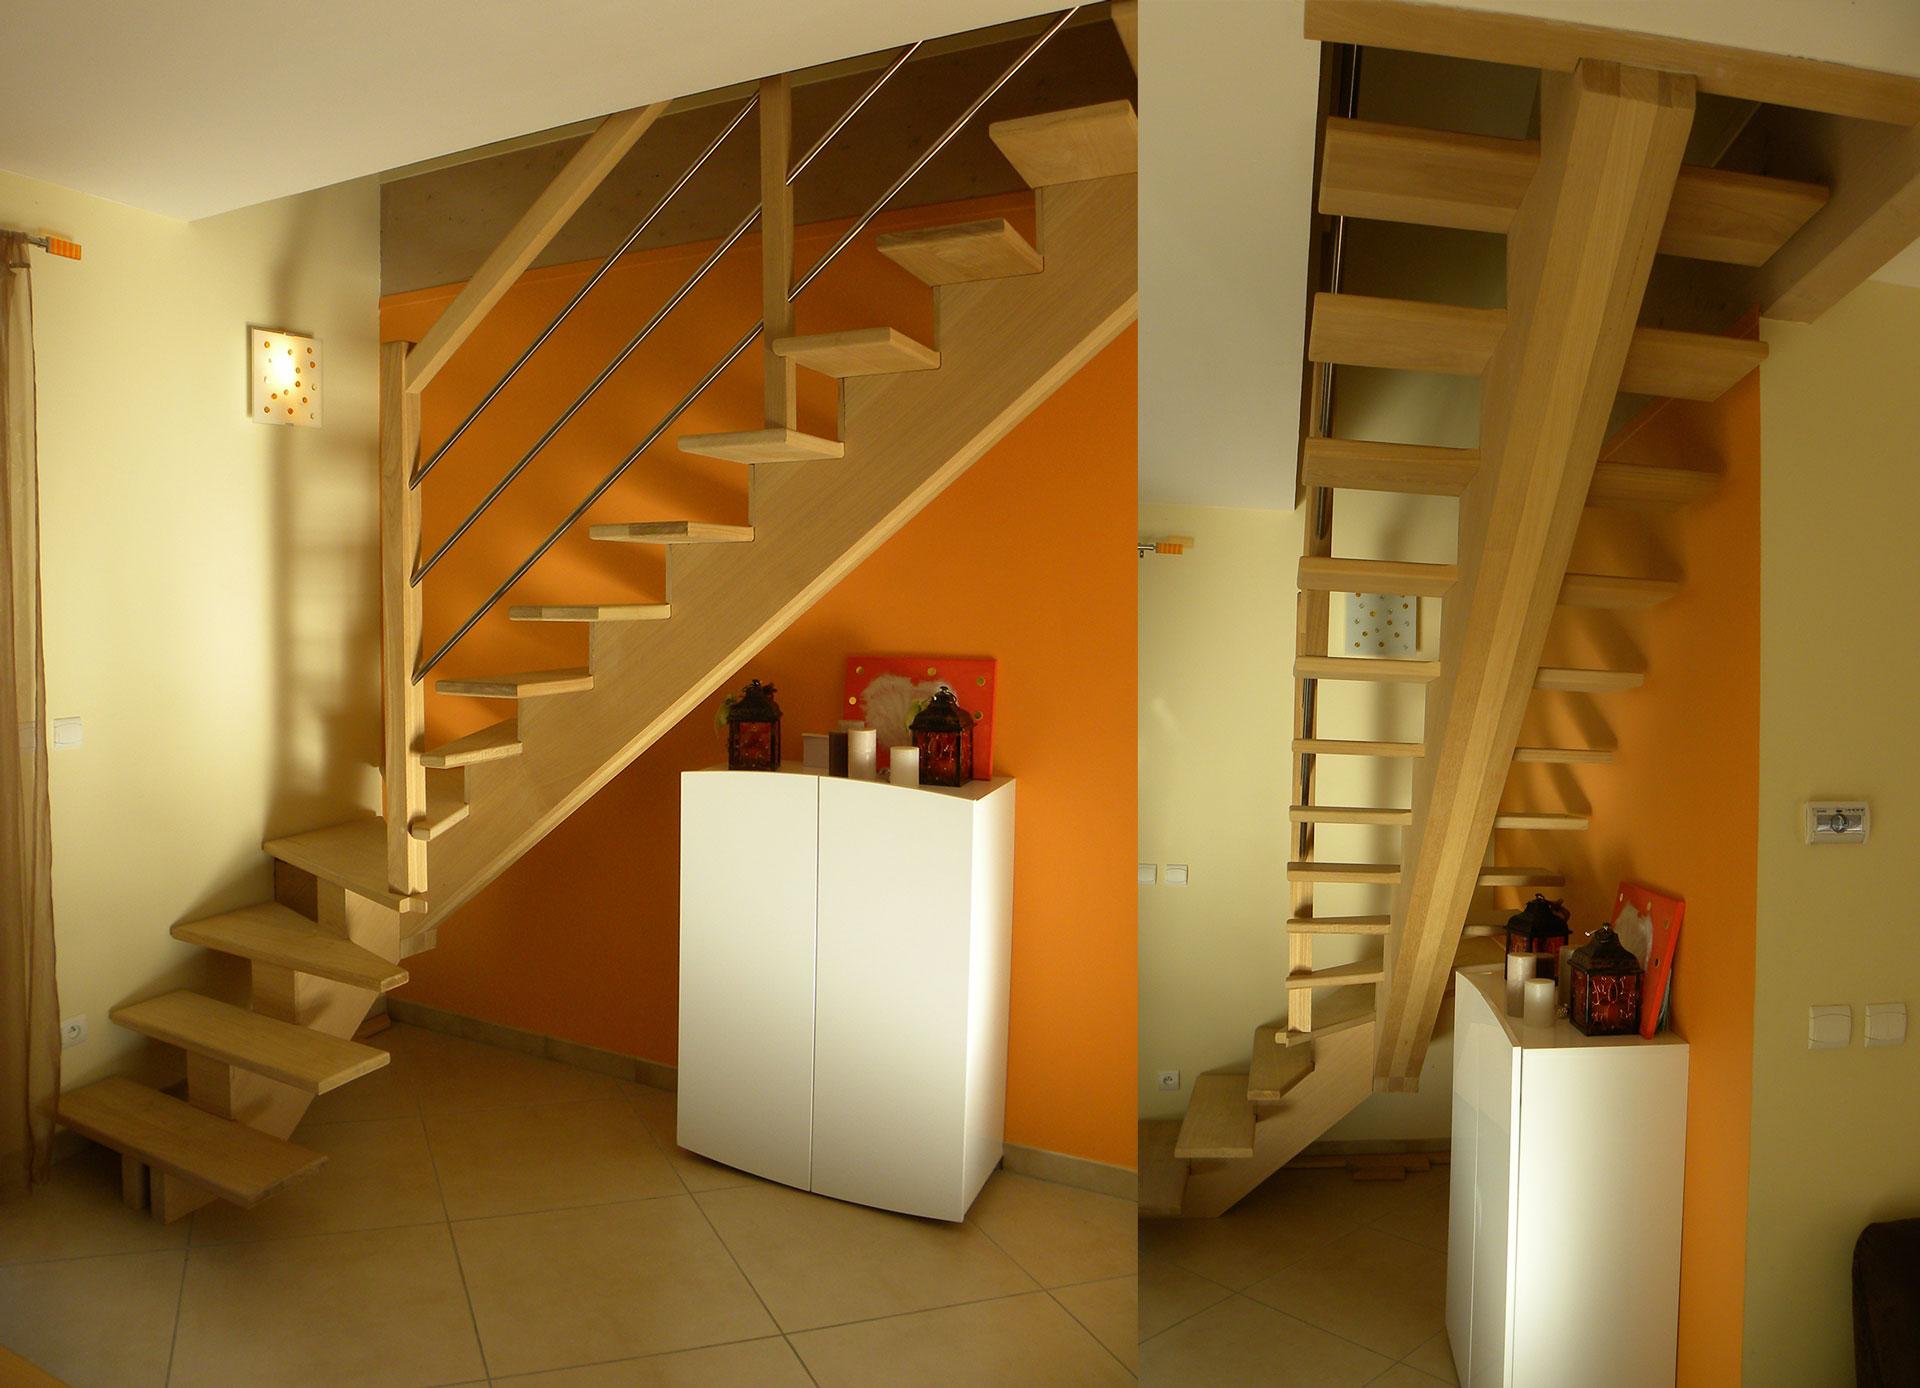 escalier 1 4 tournant sans contremarches mb escaliers. Black Bedroom Furniture Sets. Home Design Ideas